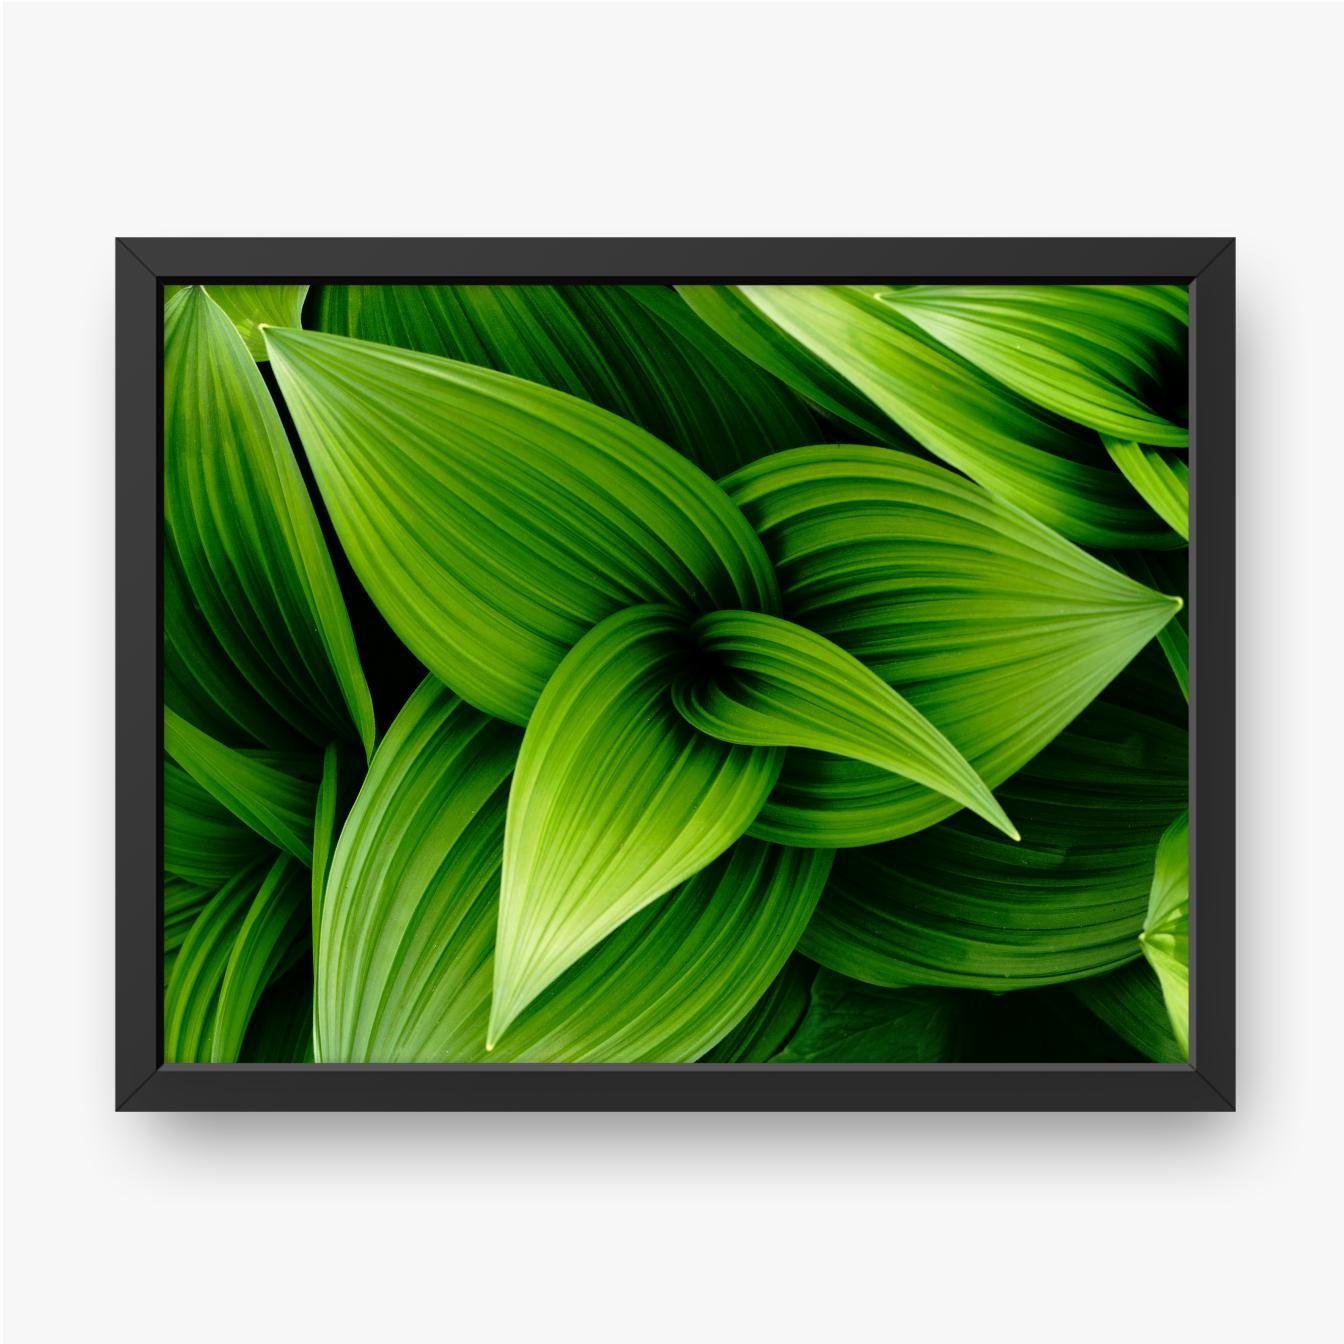 Grüne Pflanze von oben gesehen